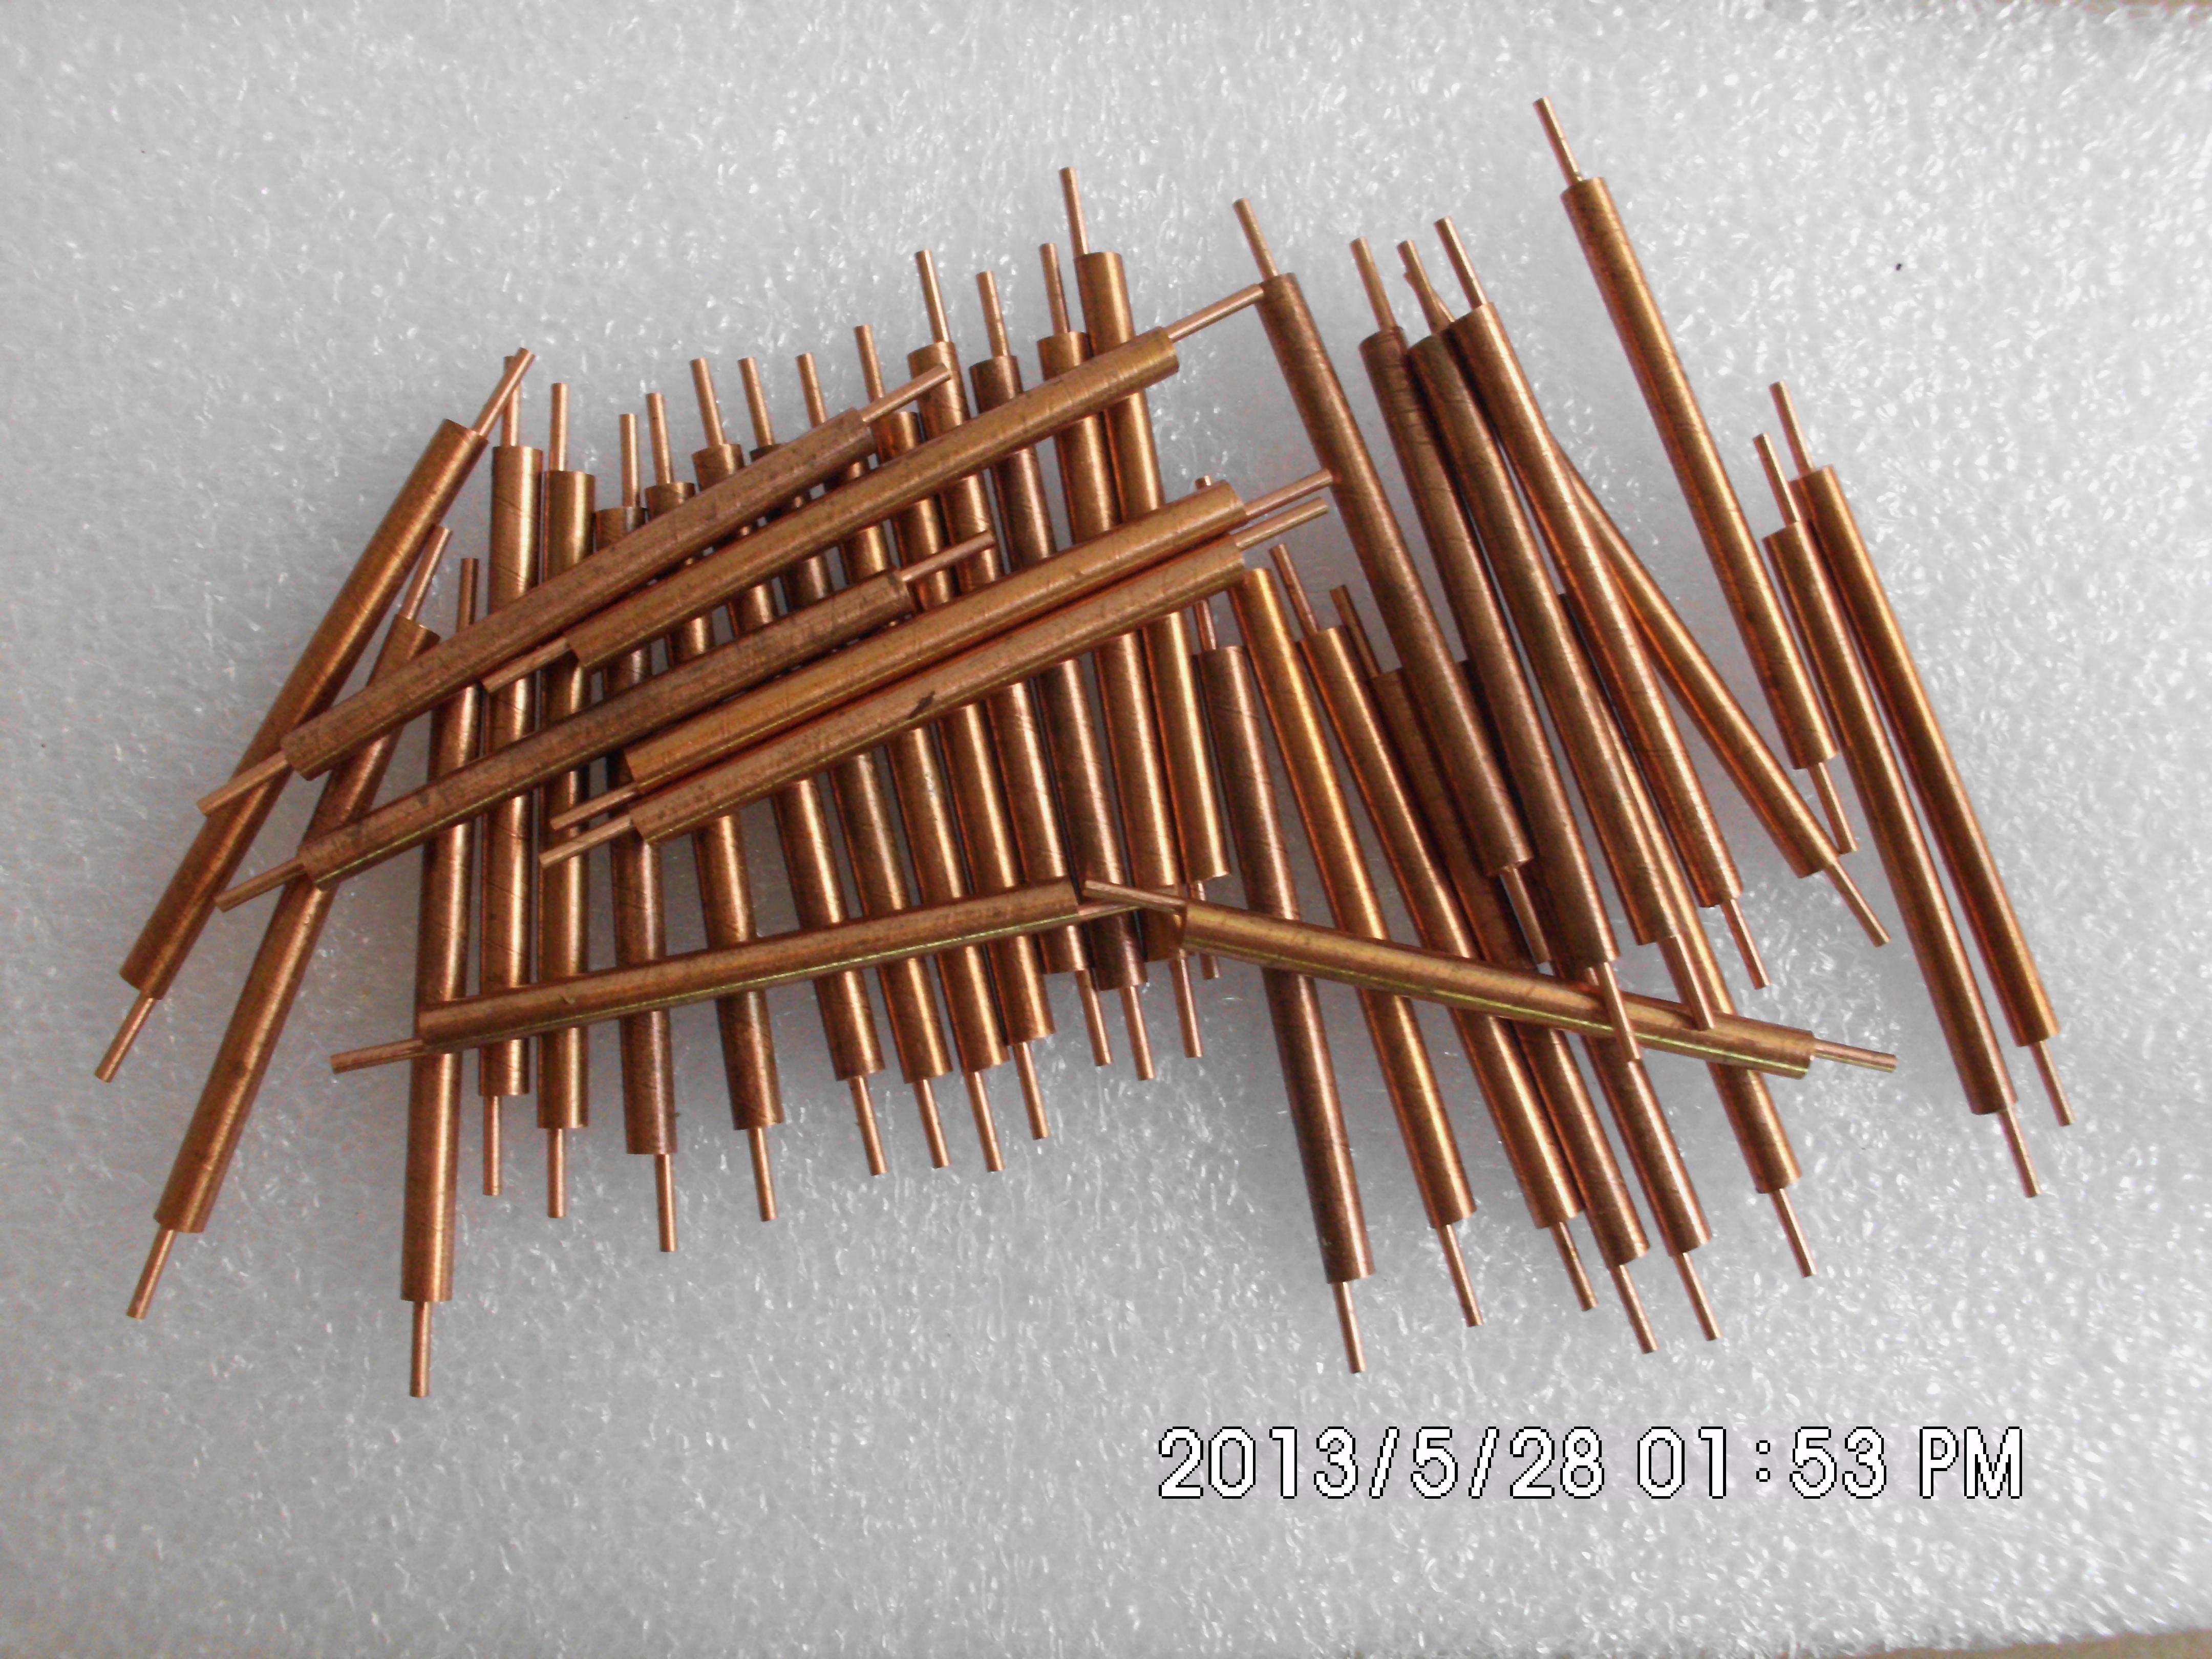 18650点焊针, 18650电池点焊针 18650电池专用电池点焊针